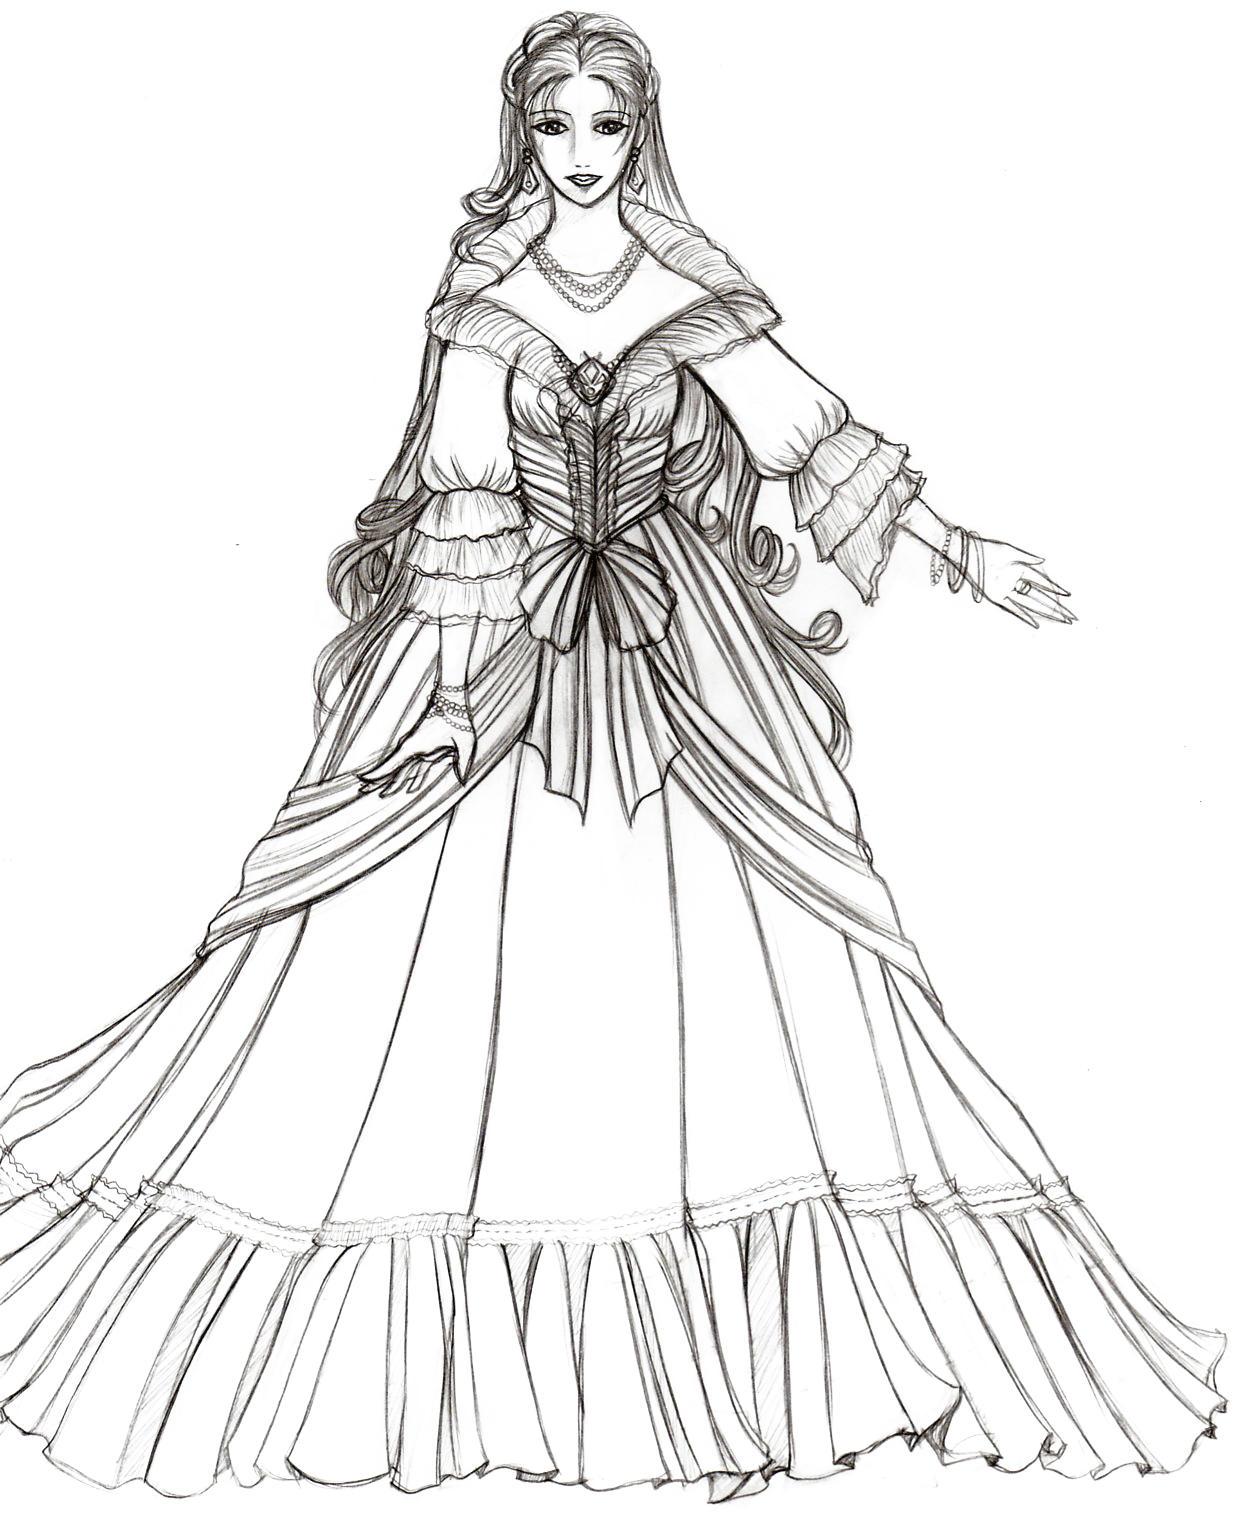 Renaissance Princess Coloring Pages : Renaissance princess coloring pages